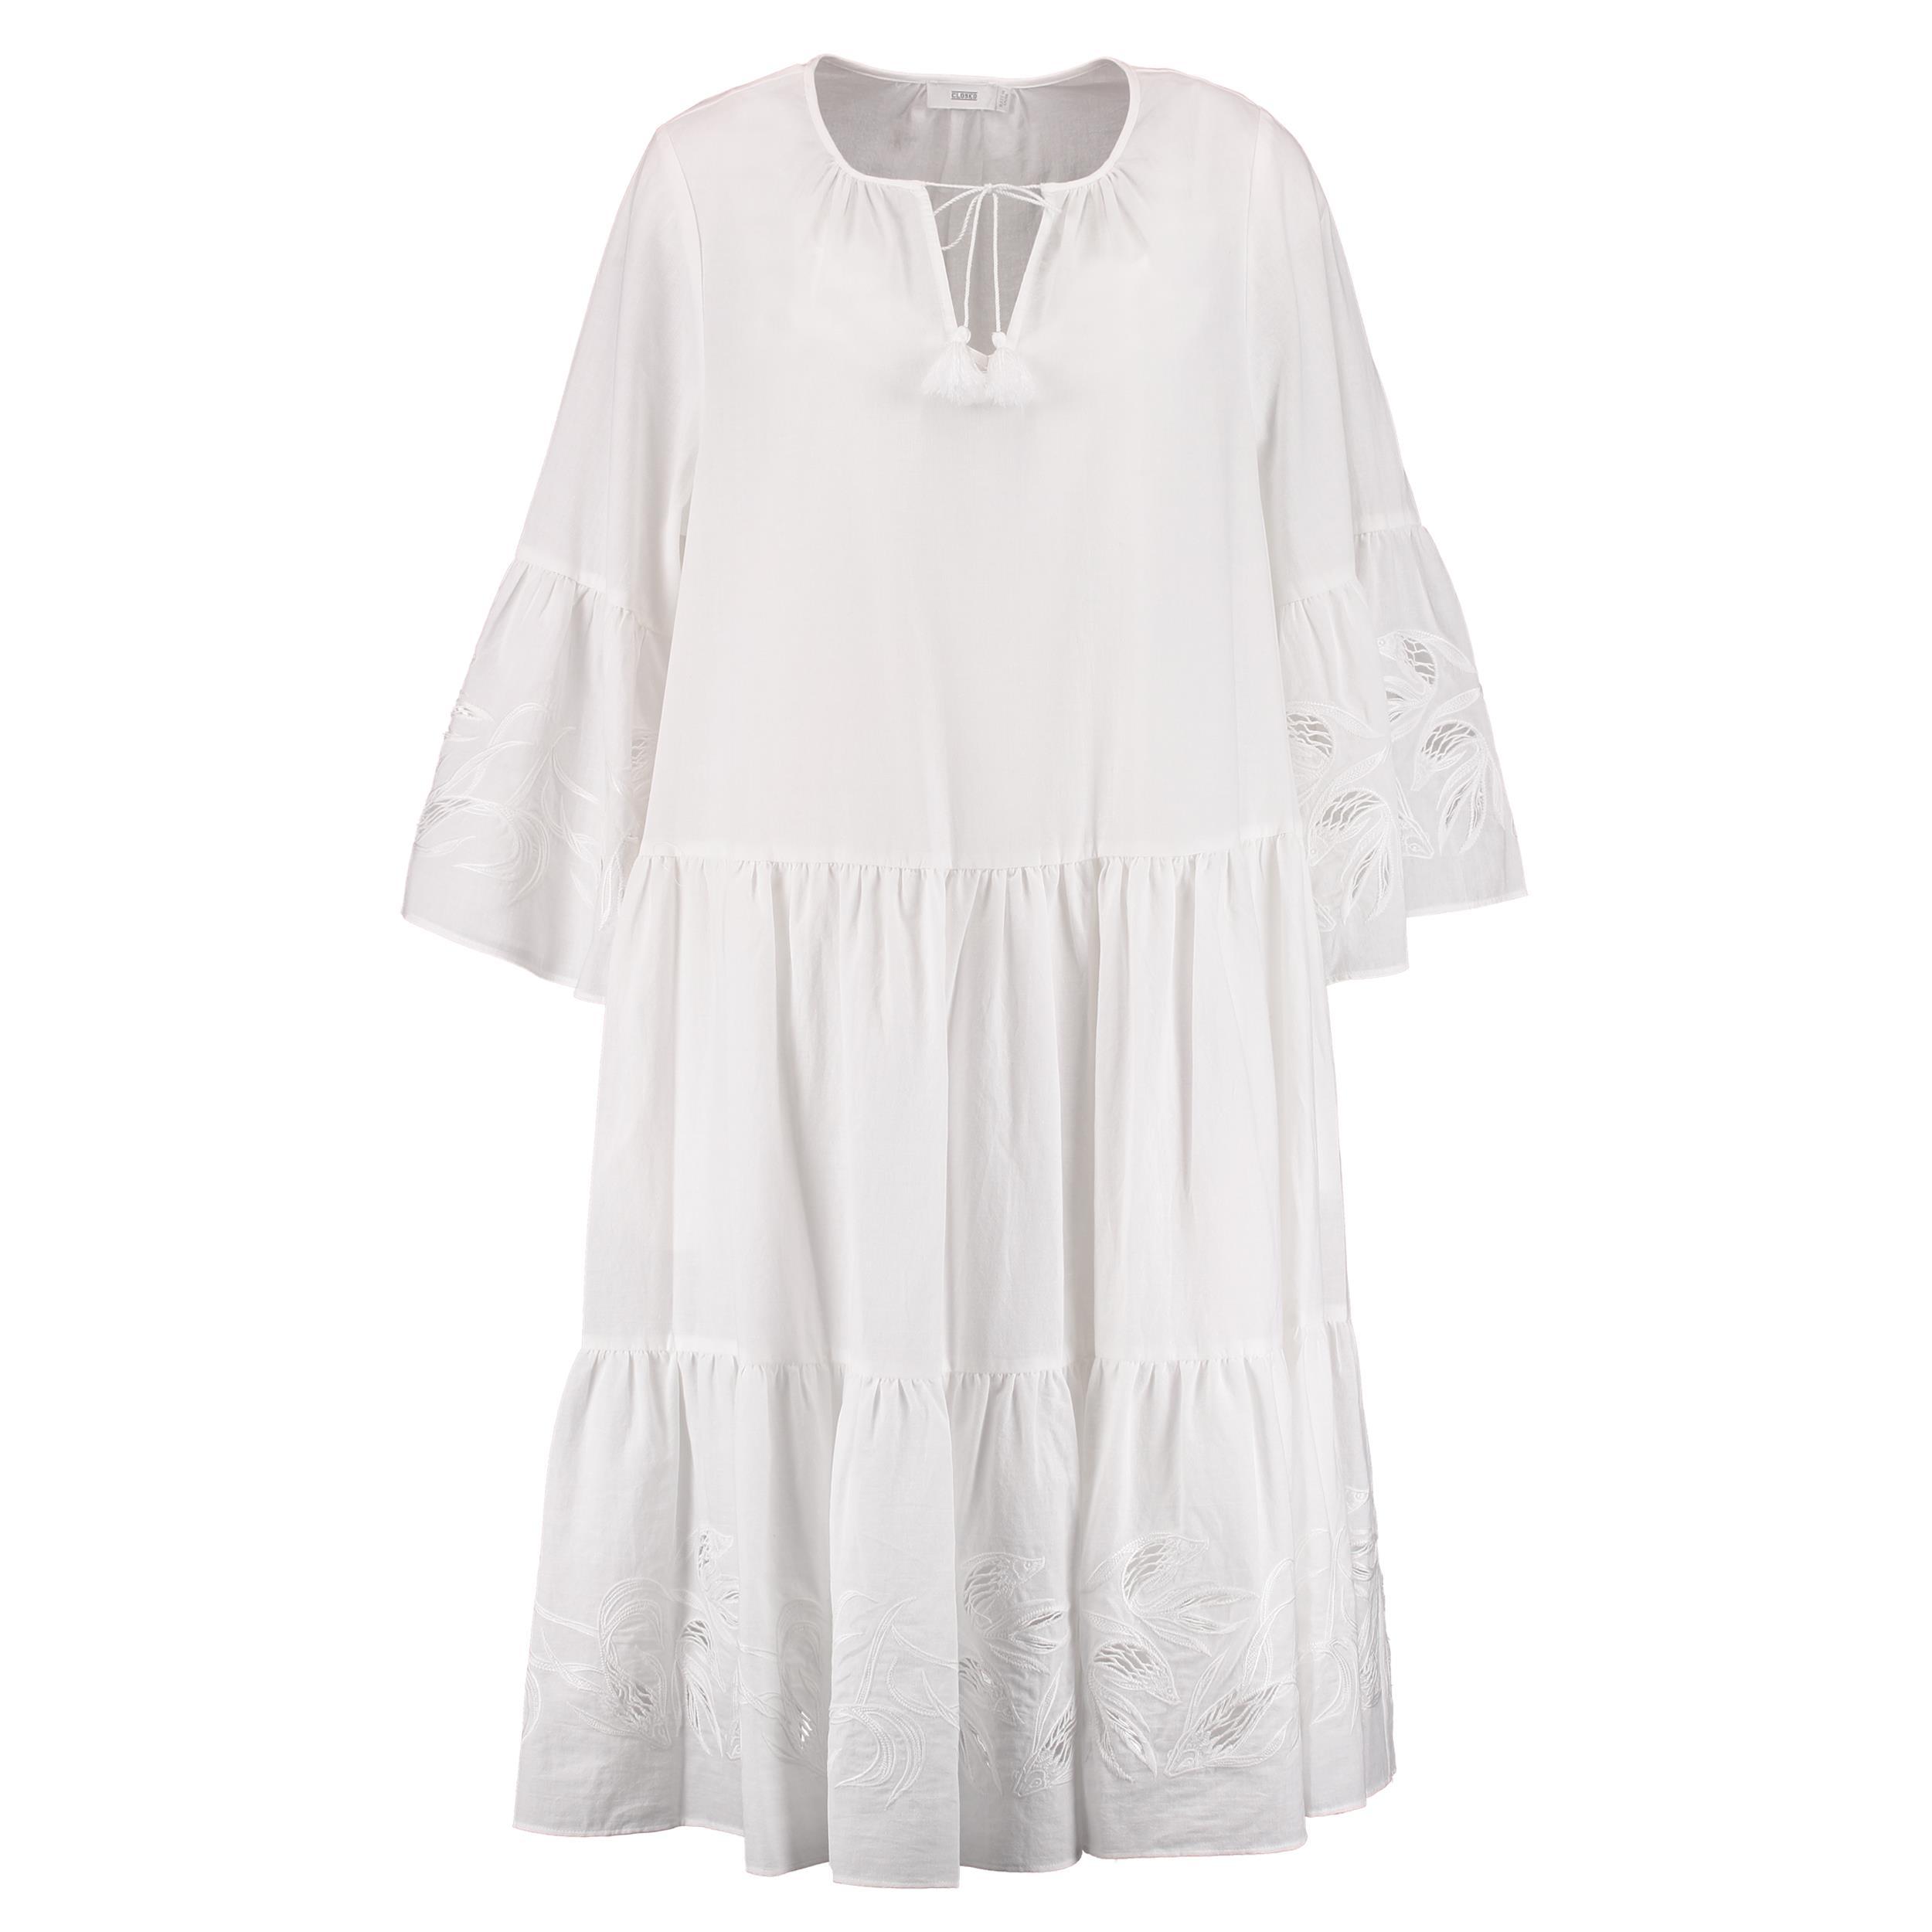 Kleid Von Closed: Schnitzler Online Shop